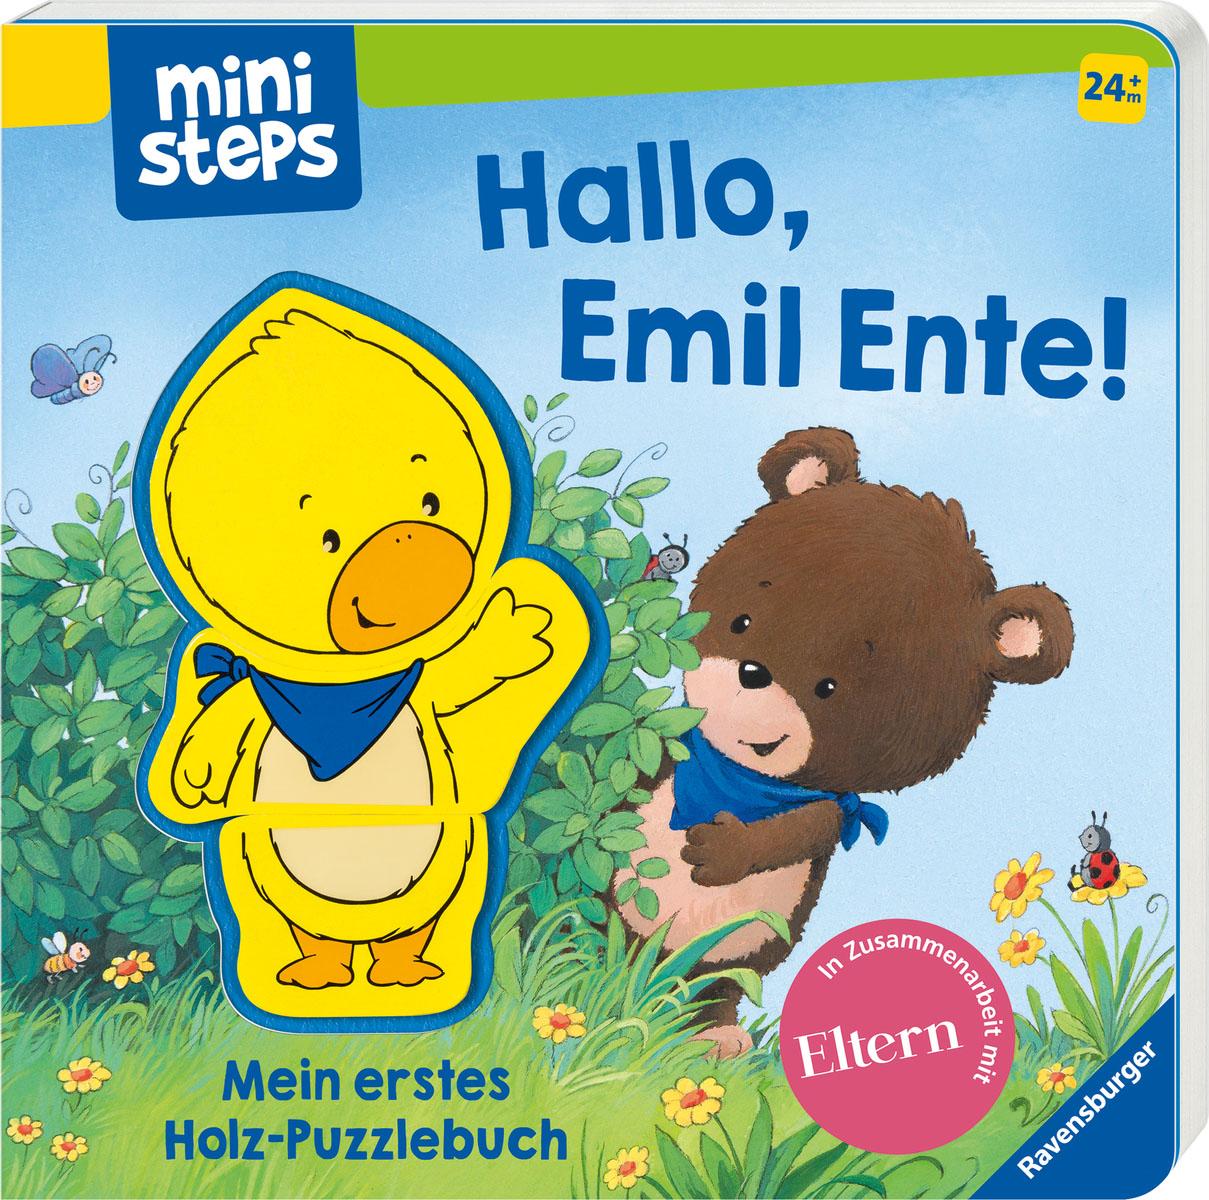 Ravensburger Bilderbuch ministeps, Hallo, Emil Ente Mein erstes Holzpuzzle-Buch, FSC - schützt Wald weltweit bunt